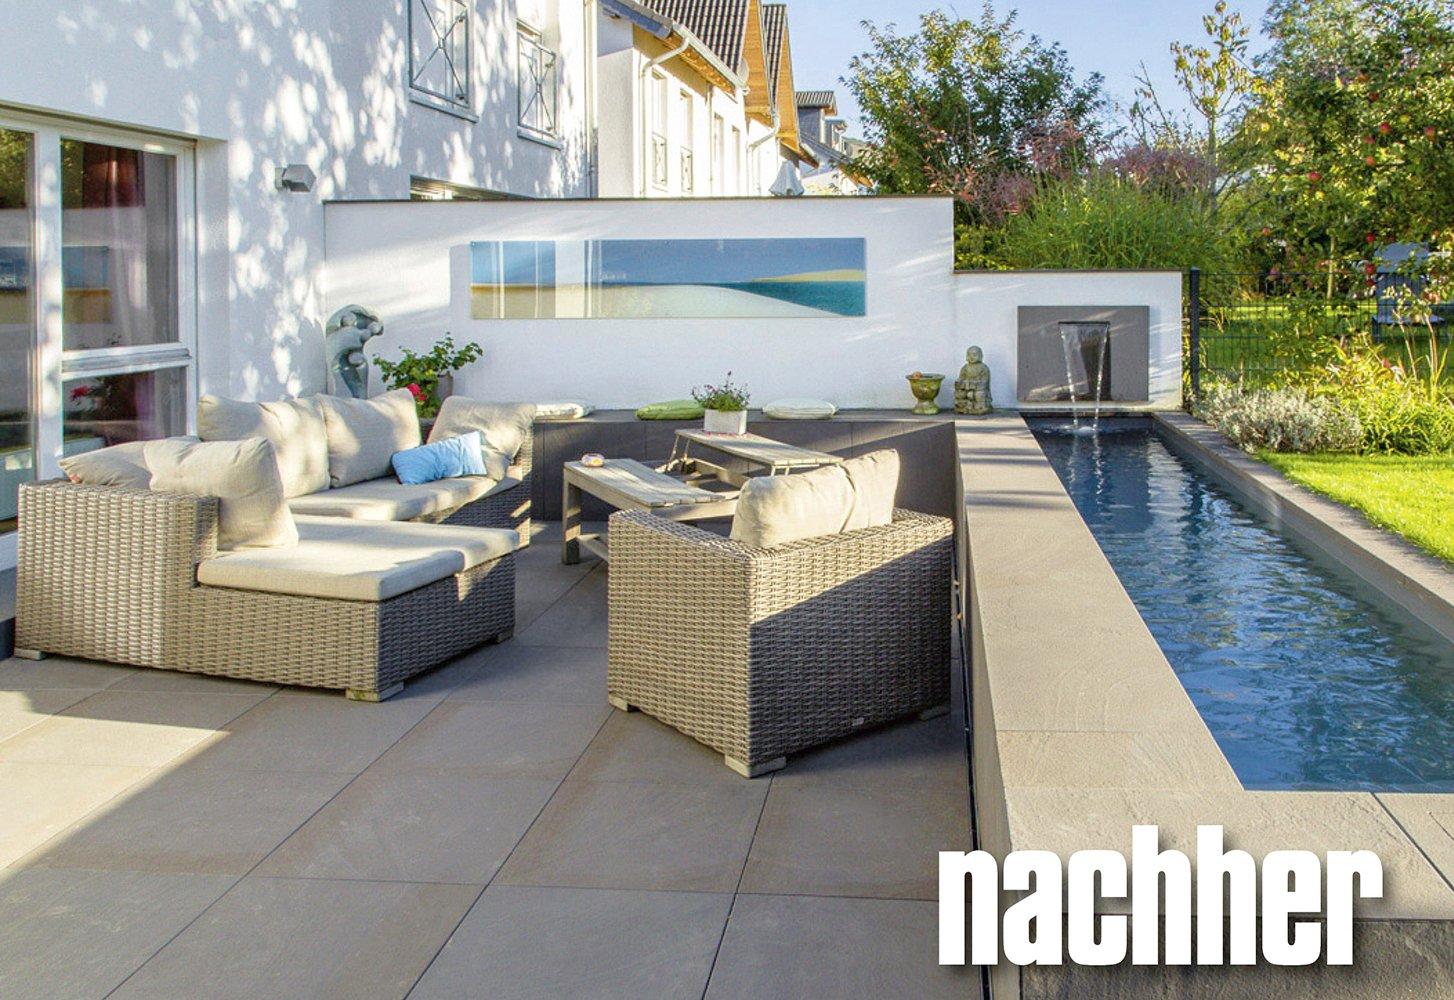 Vorher-nachher-Gärten - Modernes Gartendesign richtig planen ...